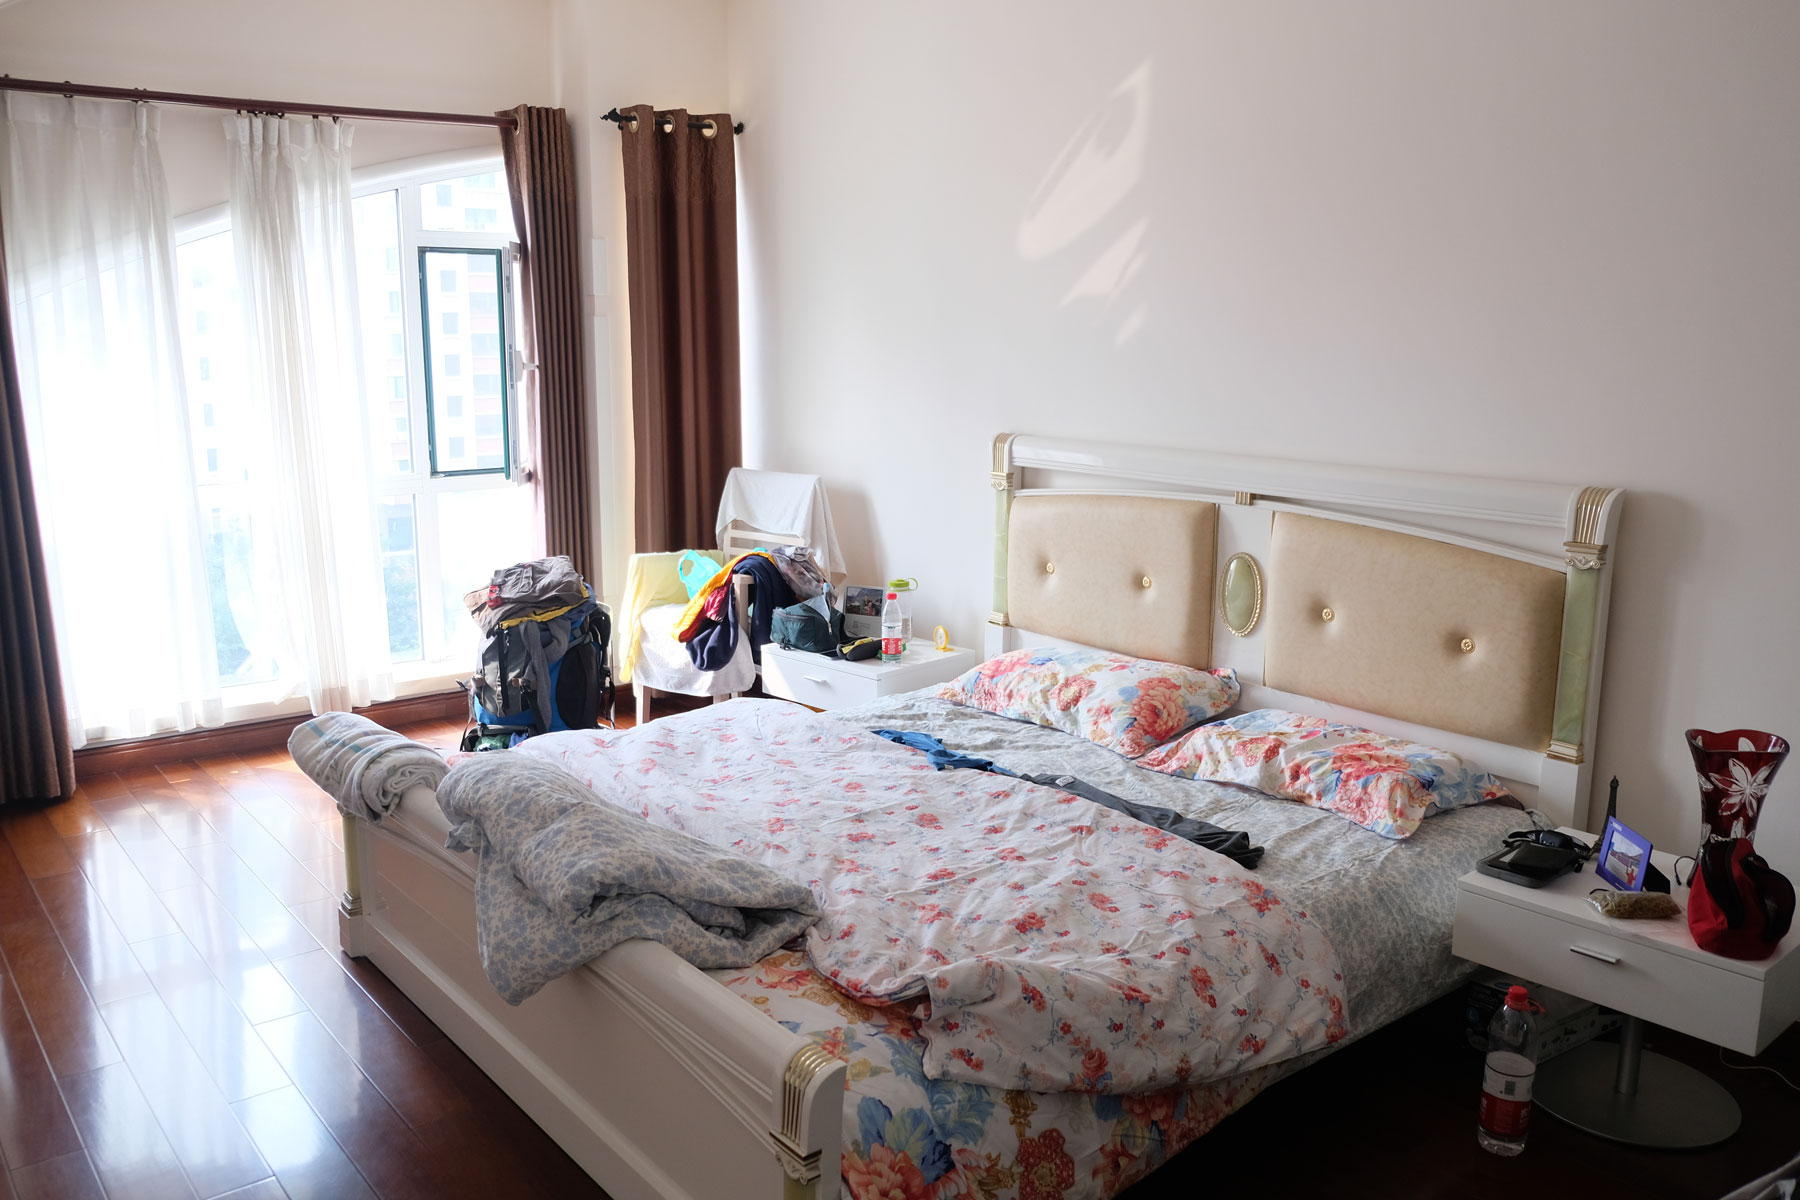 Unser Gästezimmer in Qingdao ist geräumig und hell.